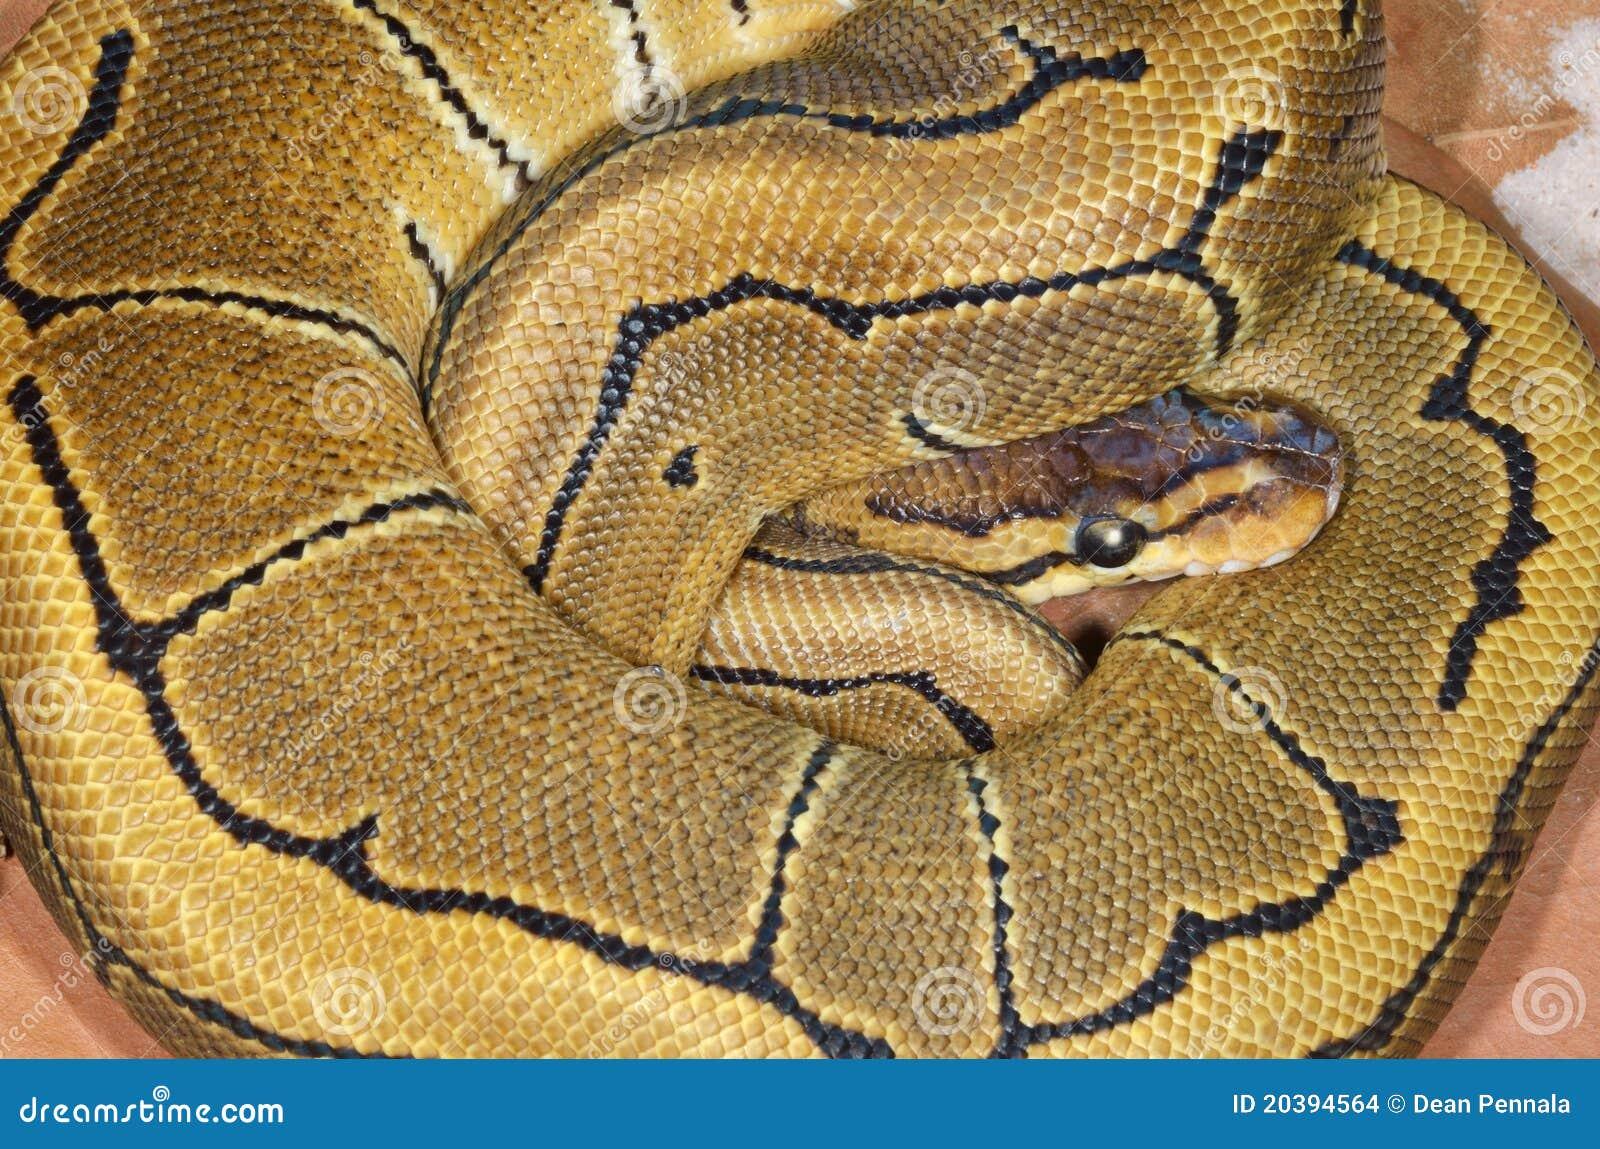 Kugel-Pythonschlange